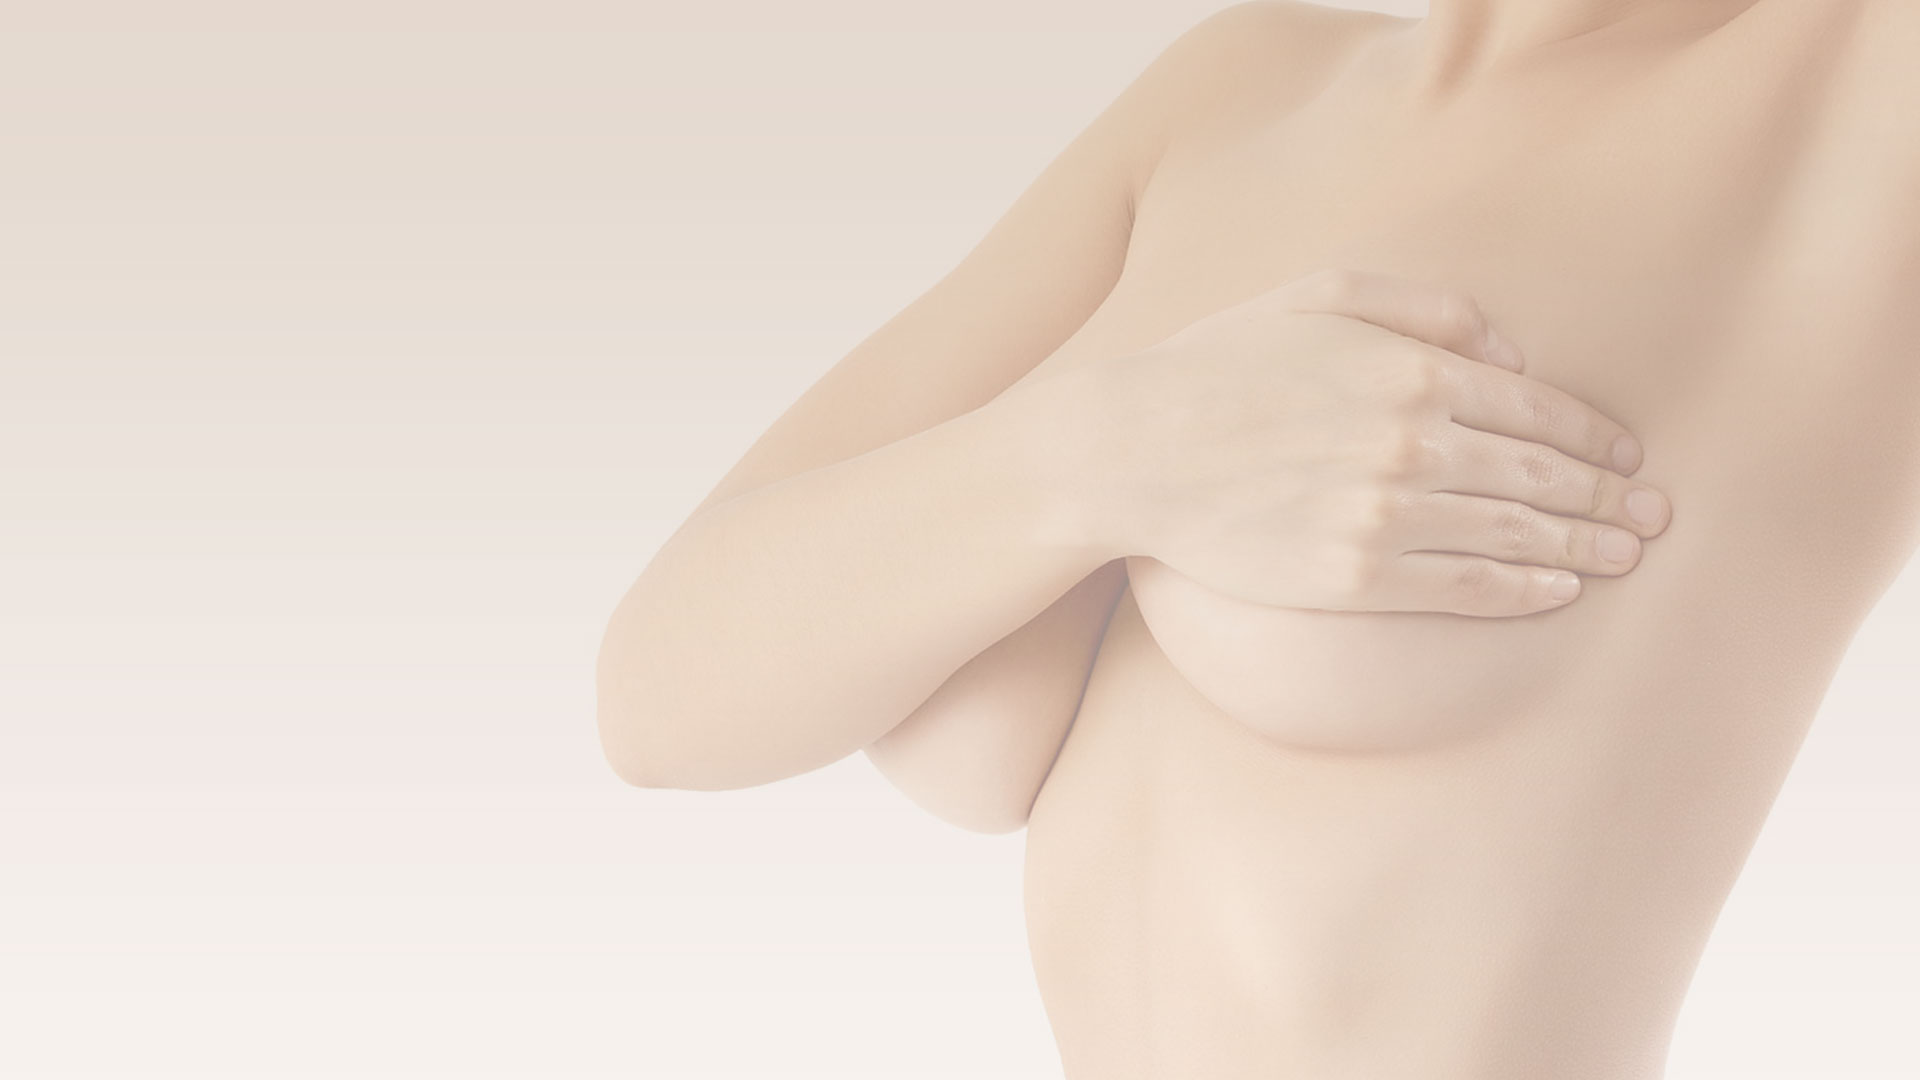 veľký breasted fajčenie